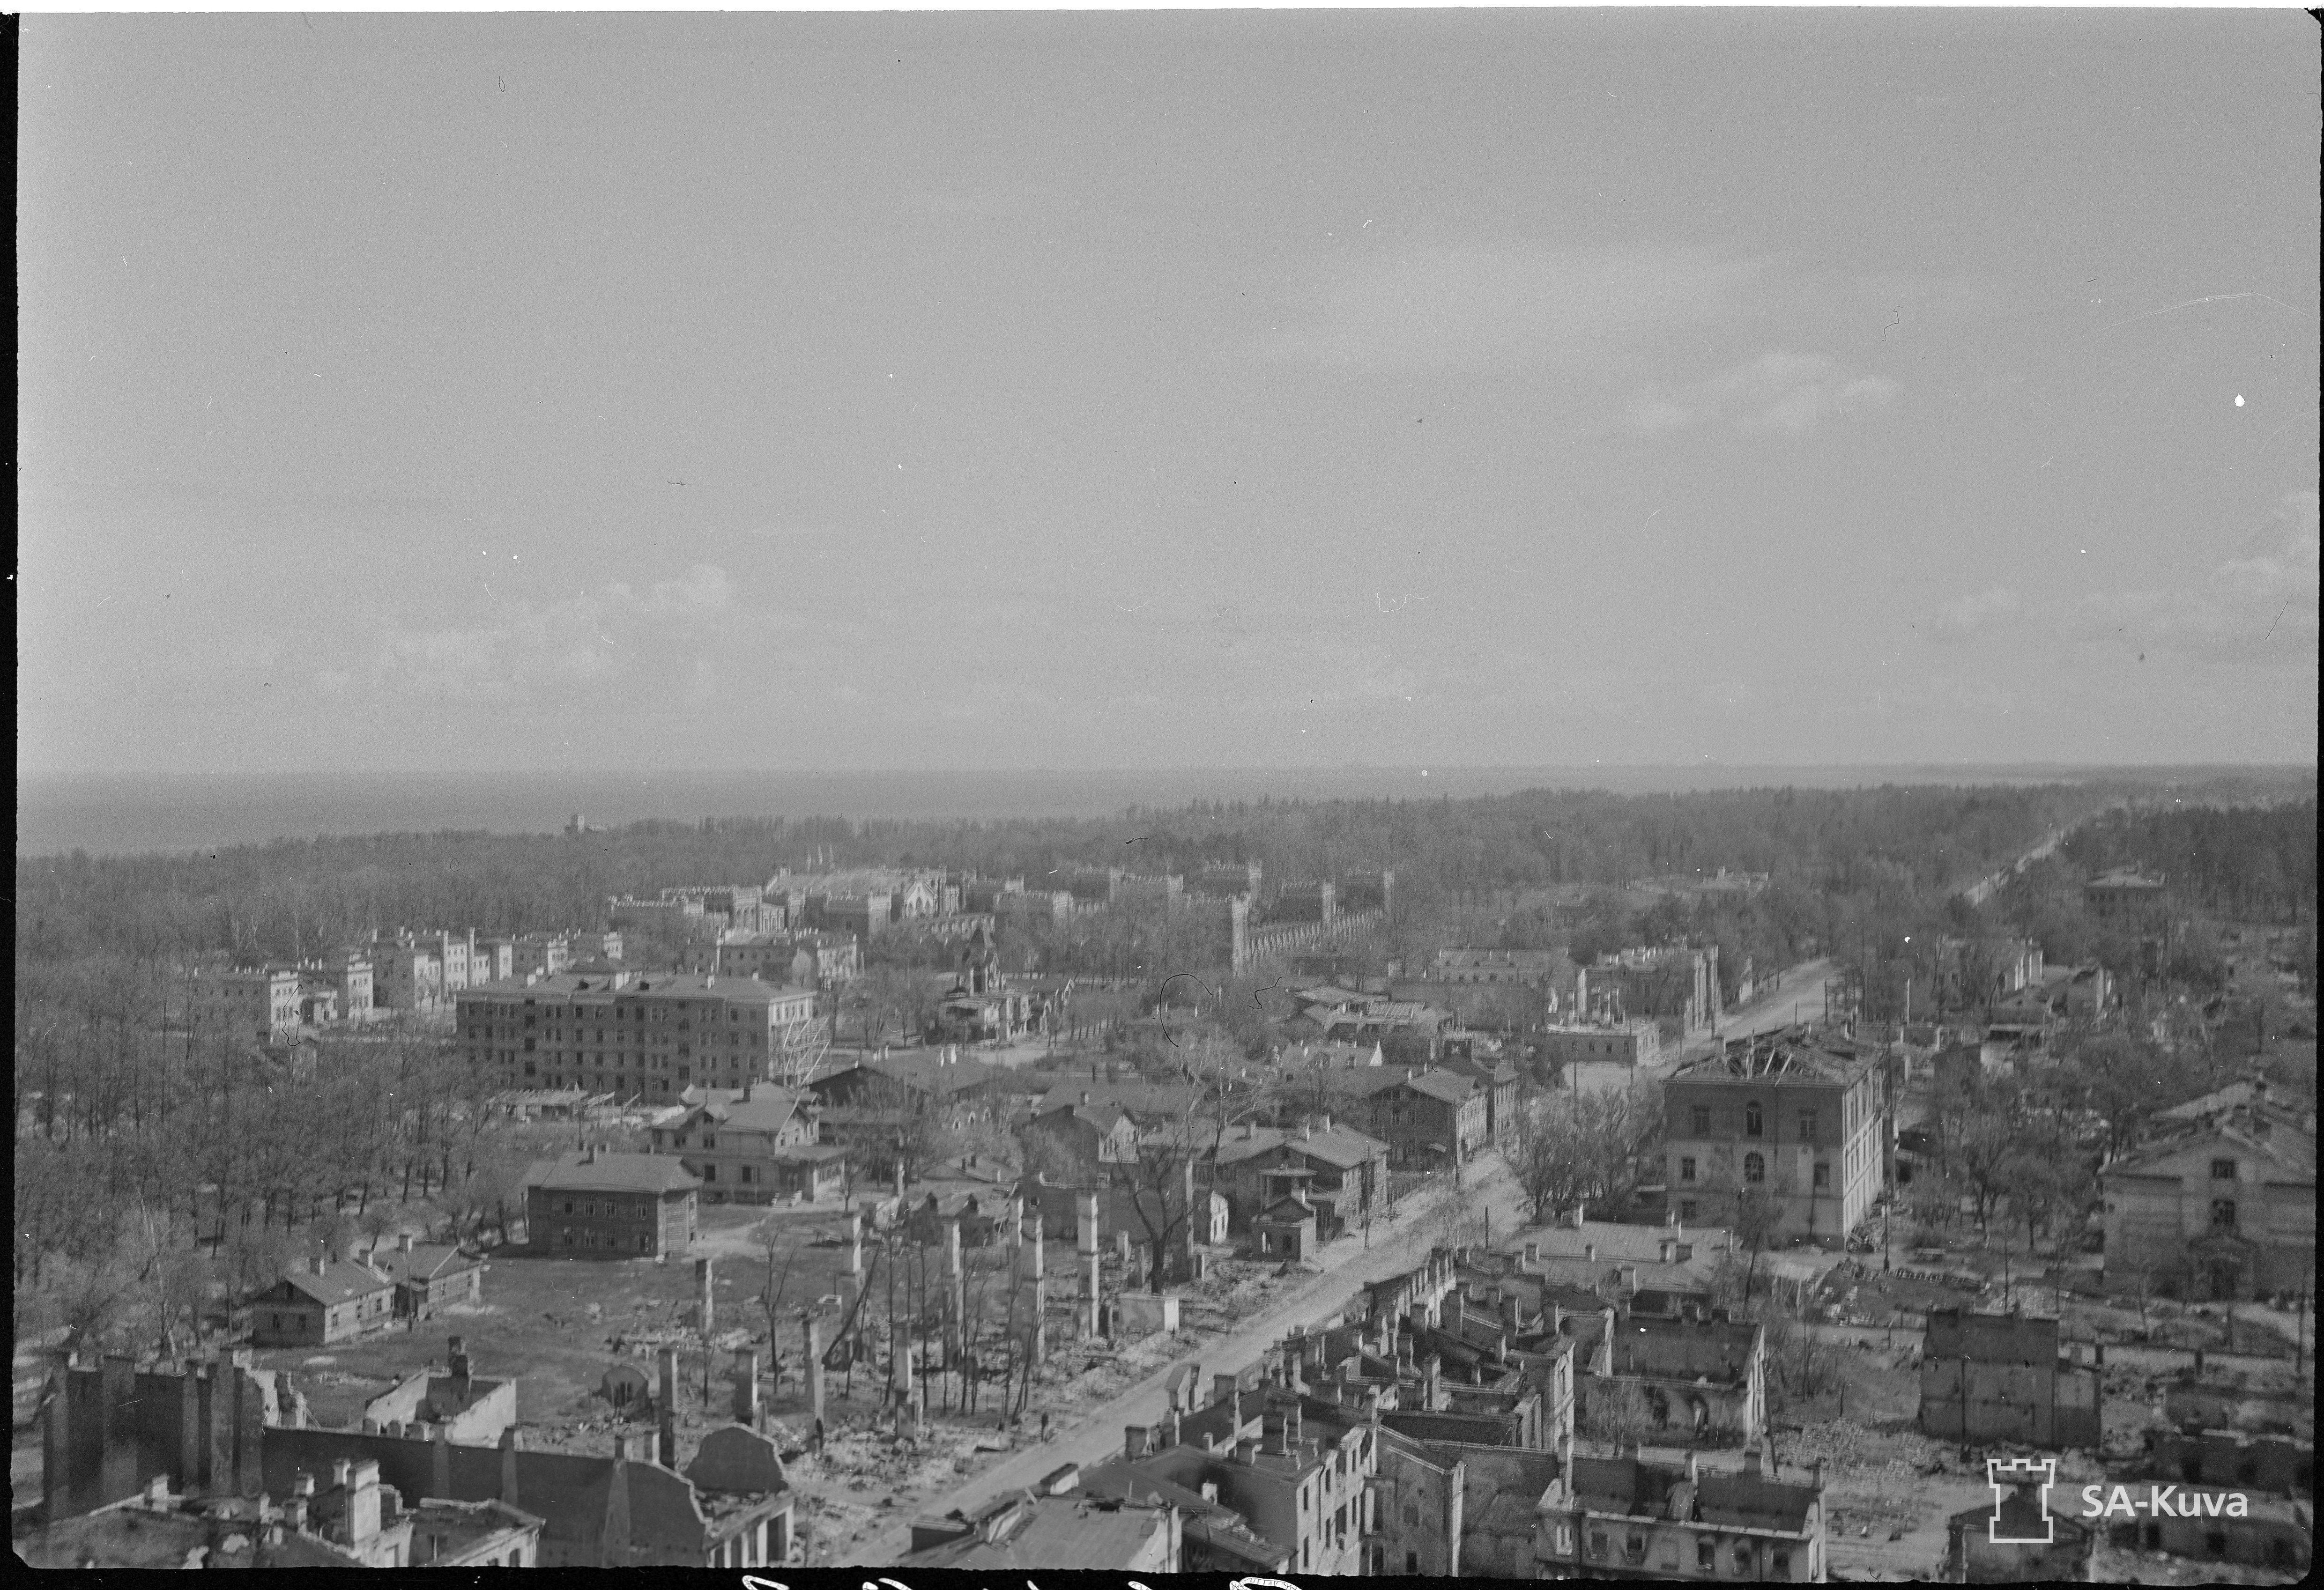 Leningradia piiritettiin vuosina 1941-43